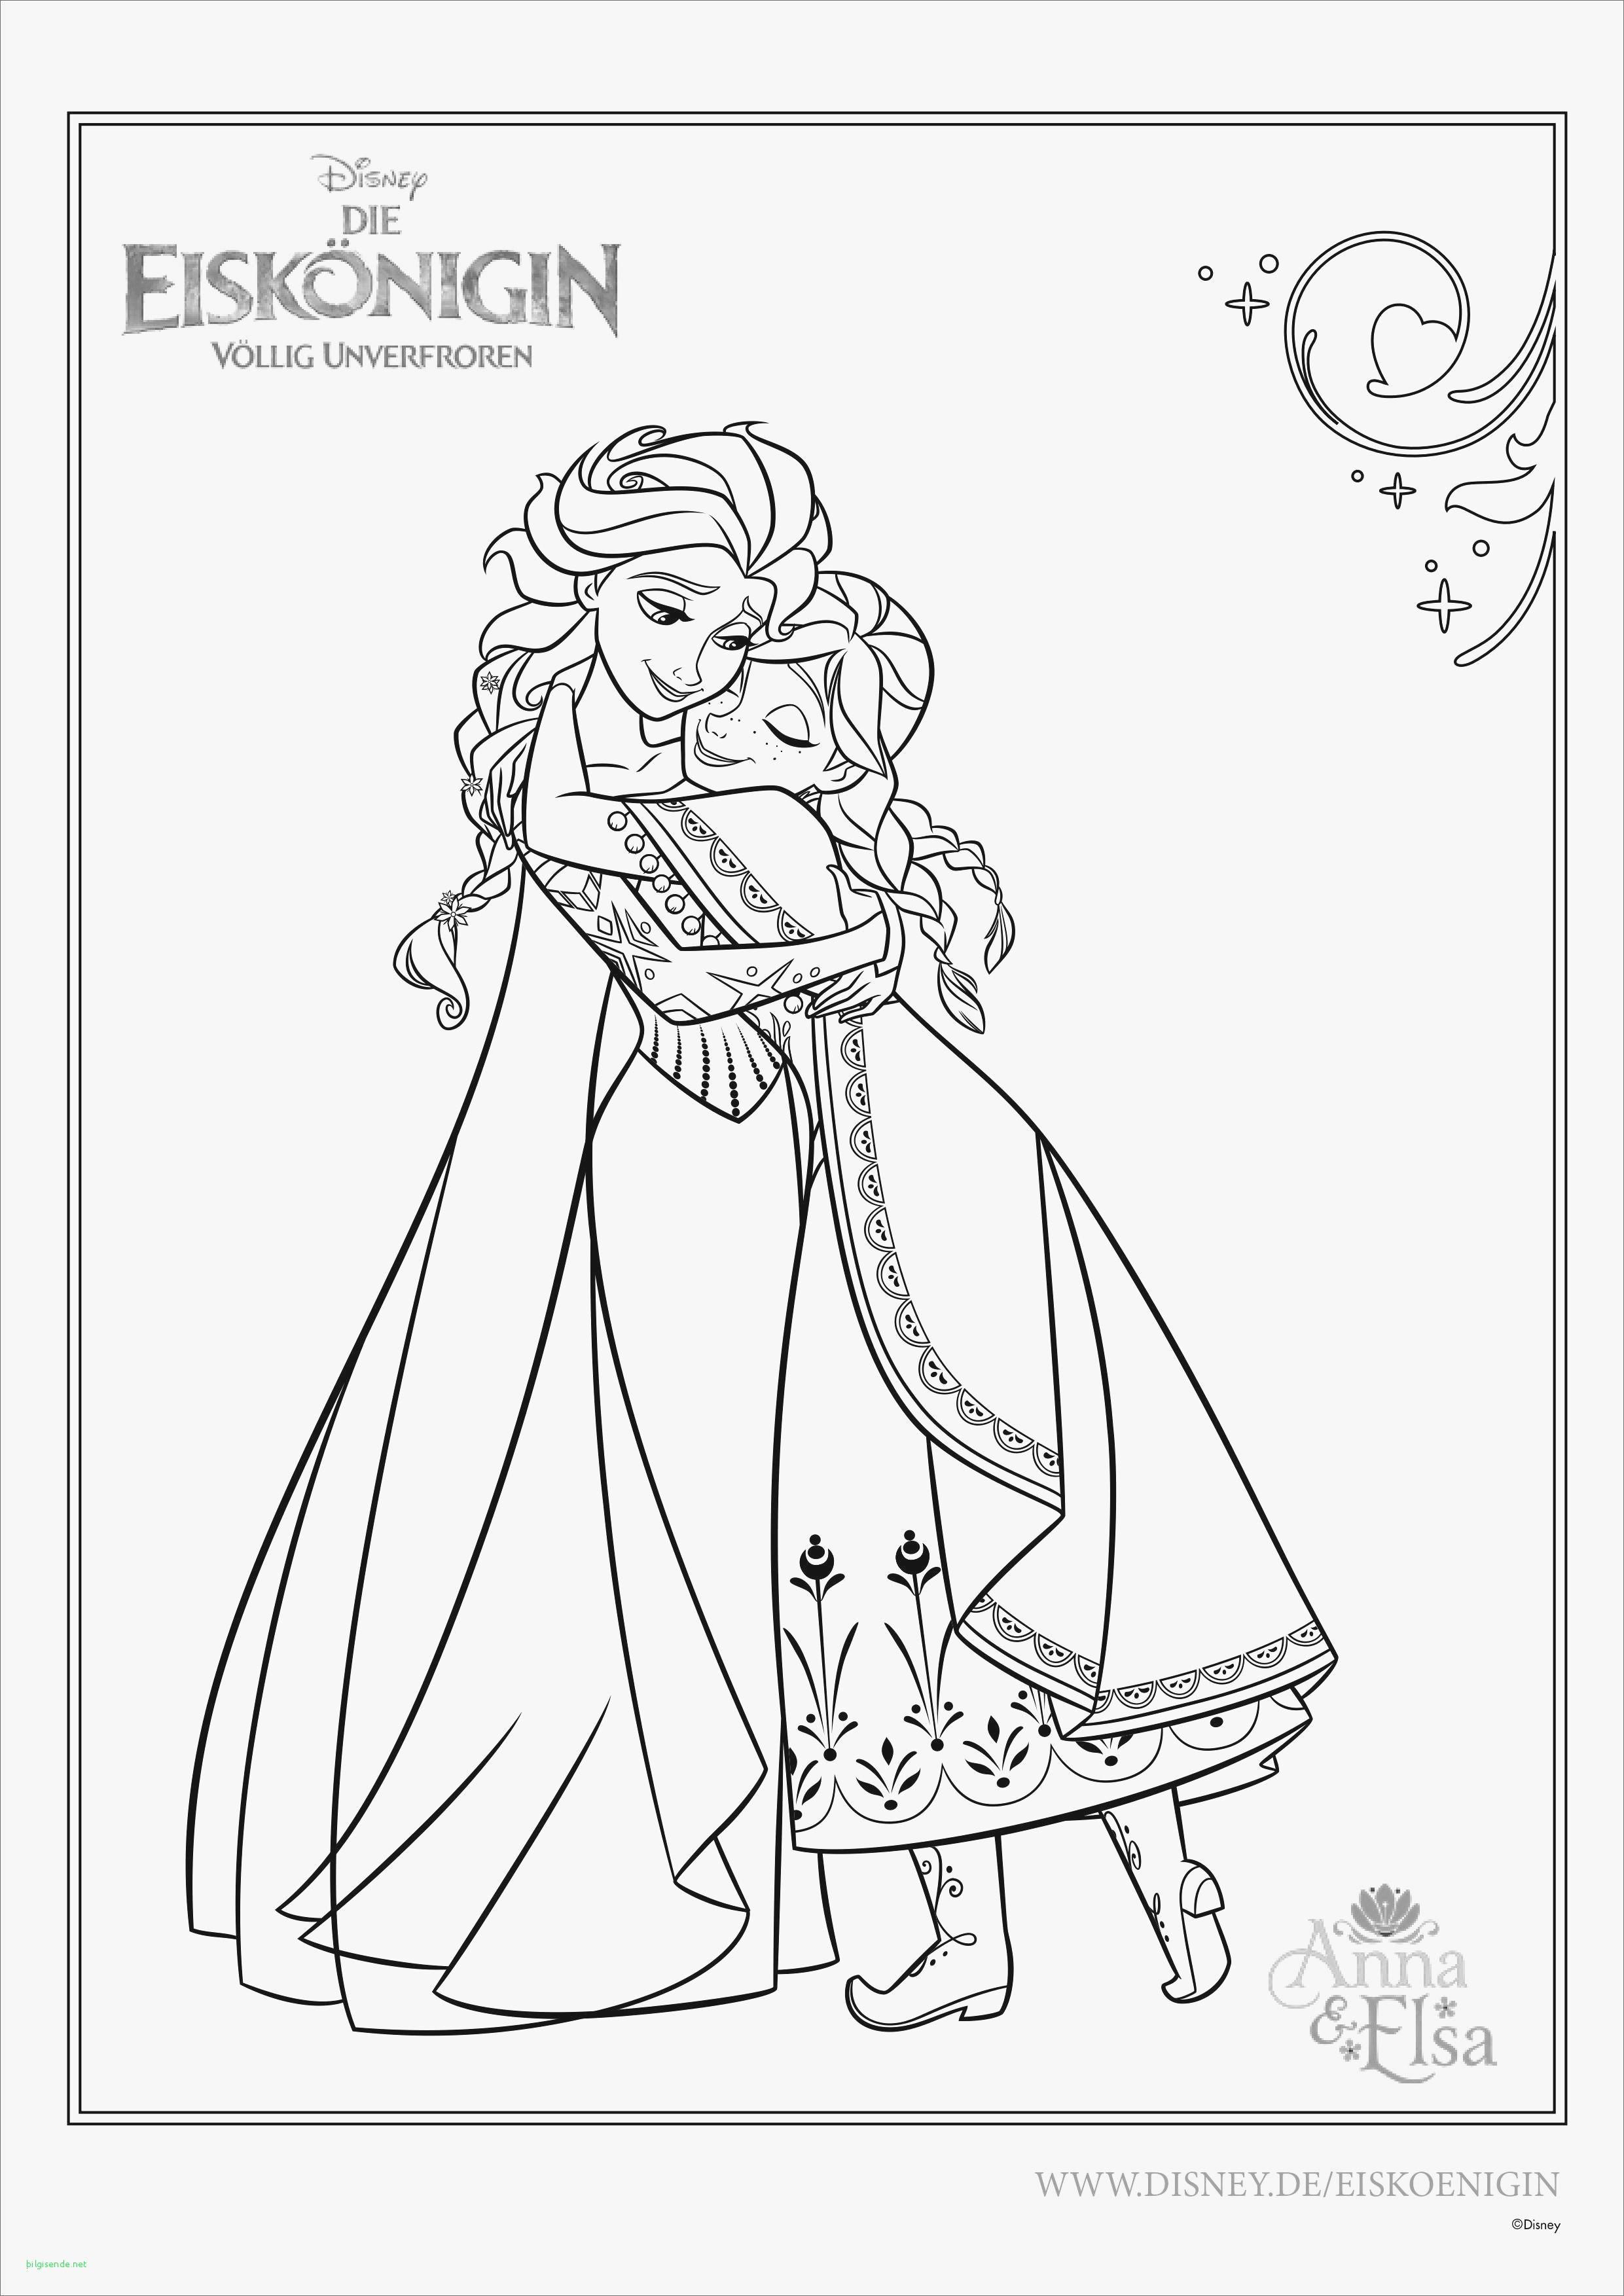 Anna Elsa Ausmalbilder Inspirierend Anna Elsa Olaf Ausmalbilder Luxus 40 Frozen Elsa Malvorlagen Fotografieren